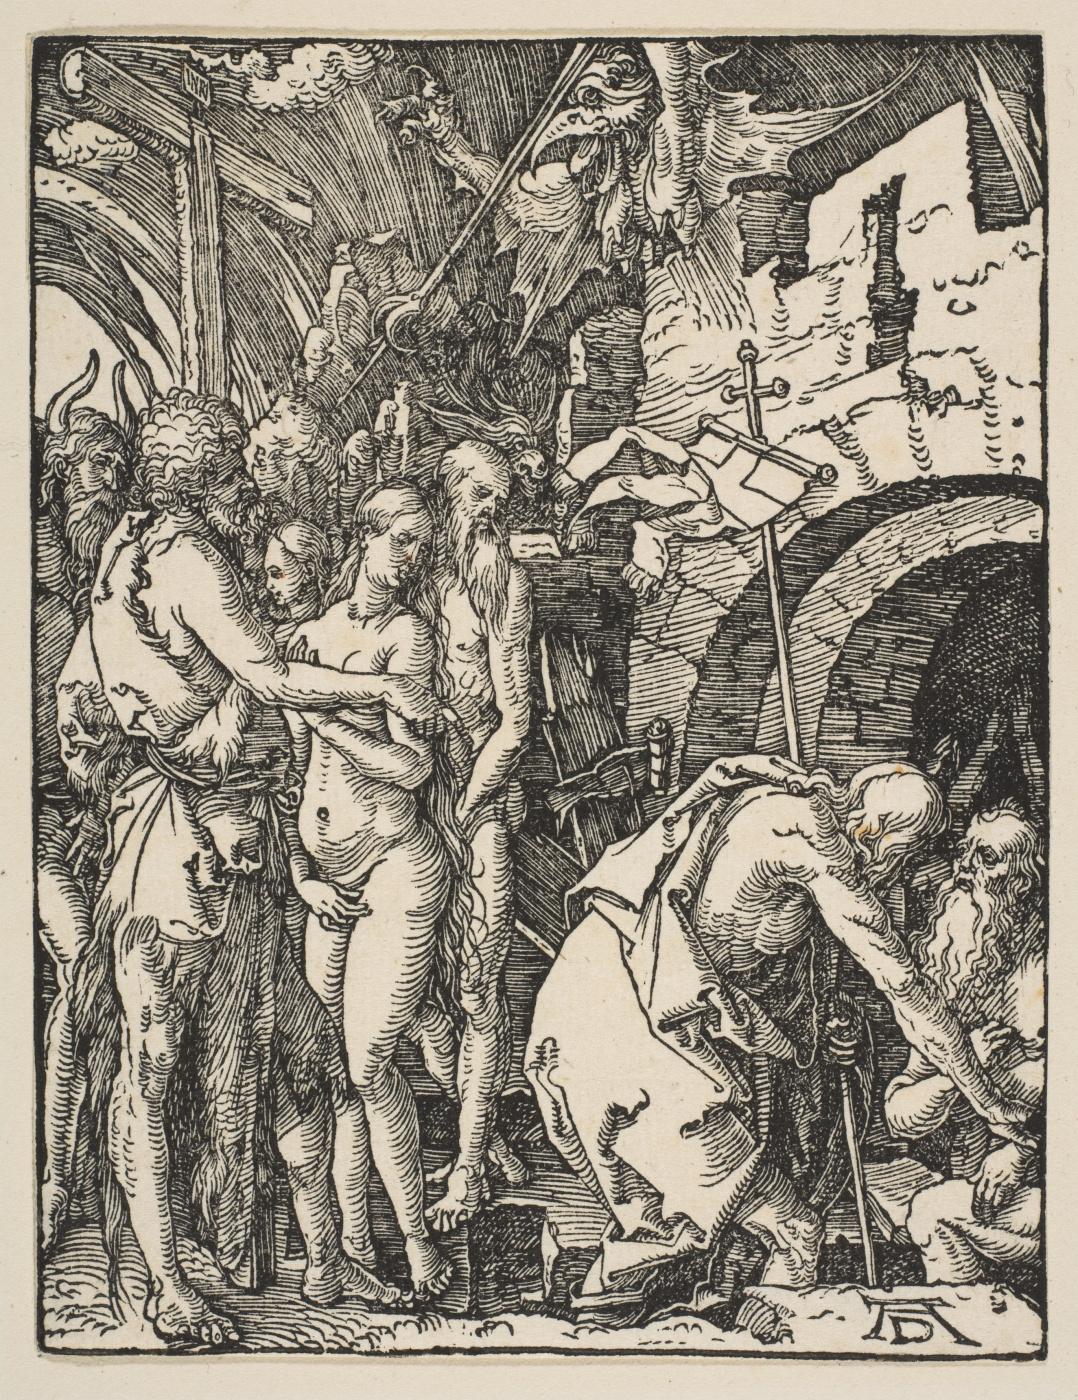 Albrecht Dürer. The descent into hell